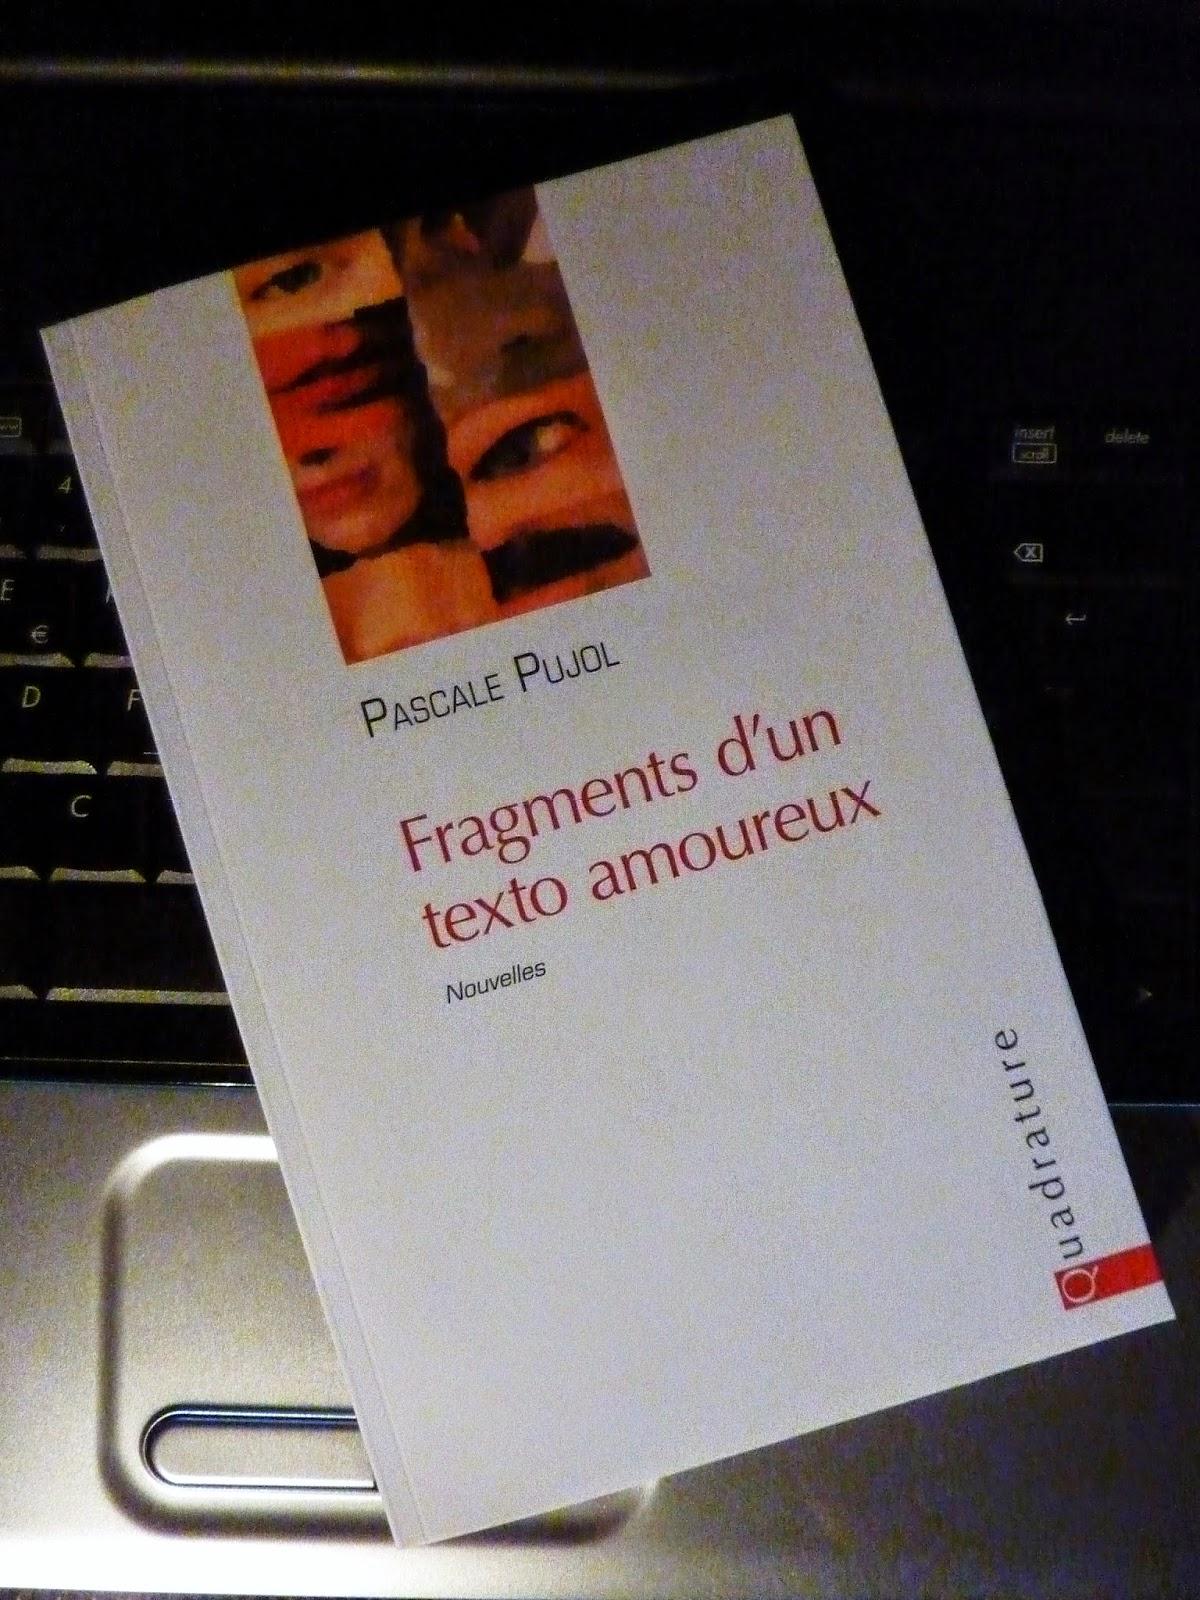 Fragments d'un texto amoureux - Pascale Pujol